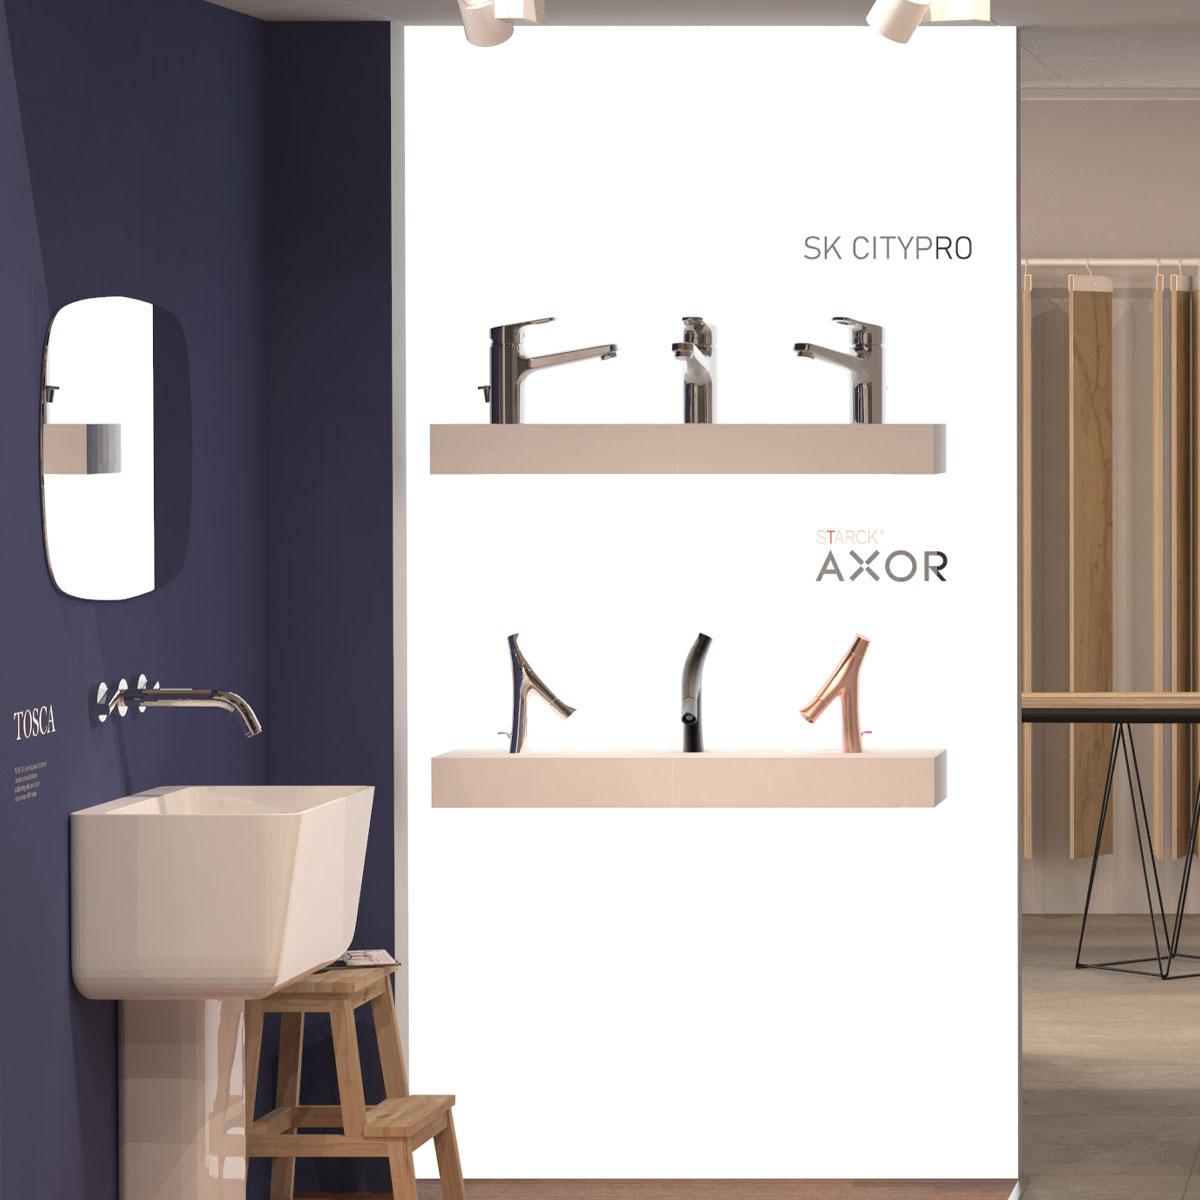 Sala mostra per esposizione accessori arredo bagno - espositori durevoli